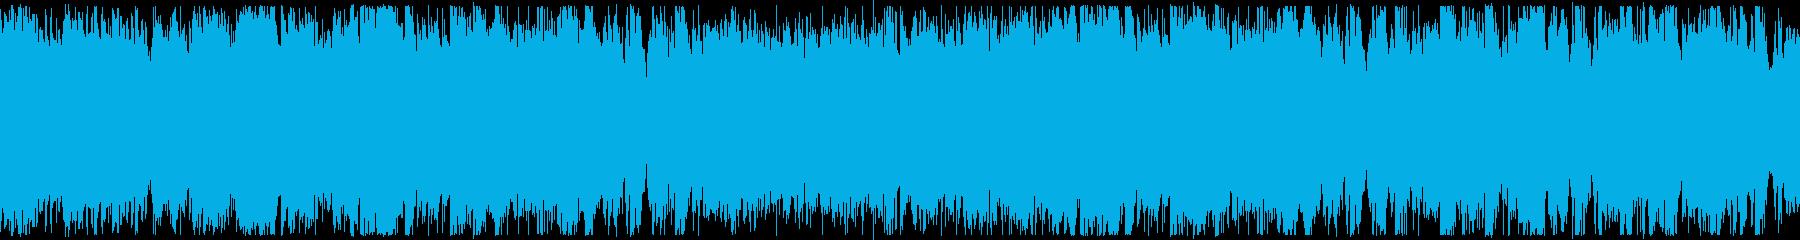 ループ・女性ボーカル・優しいウクレレの再生済みの波形